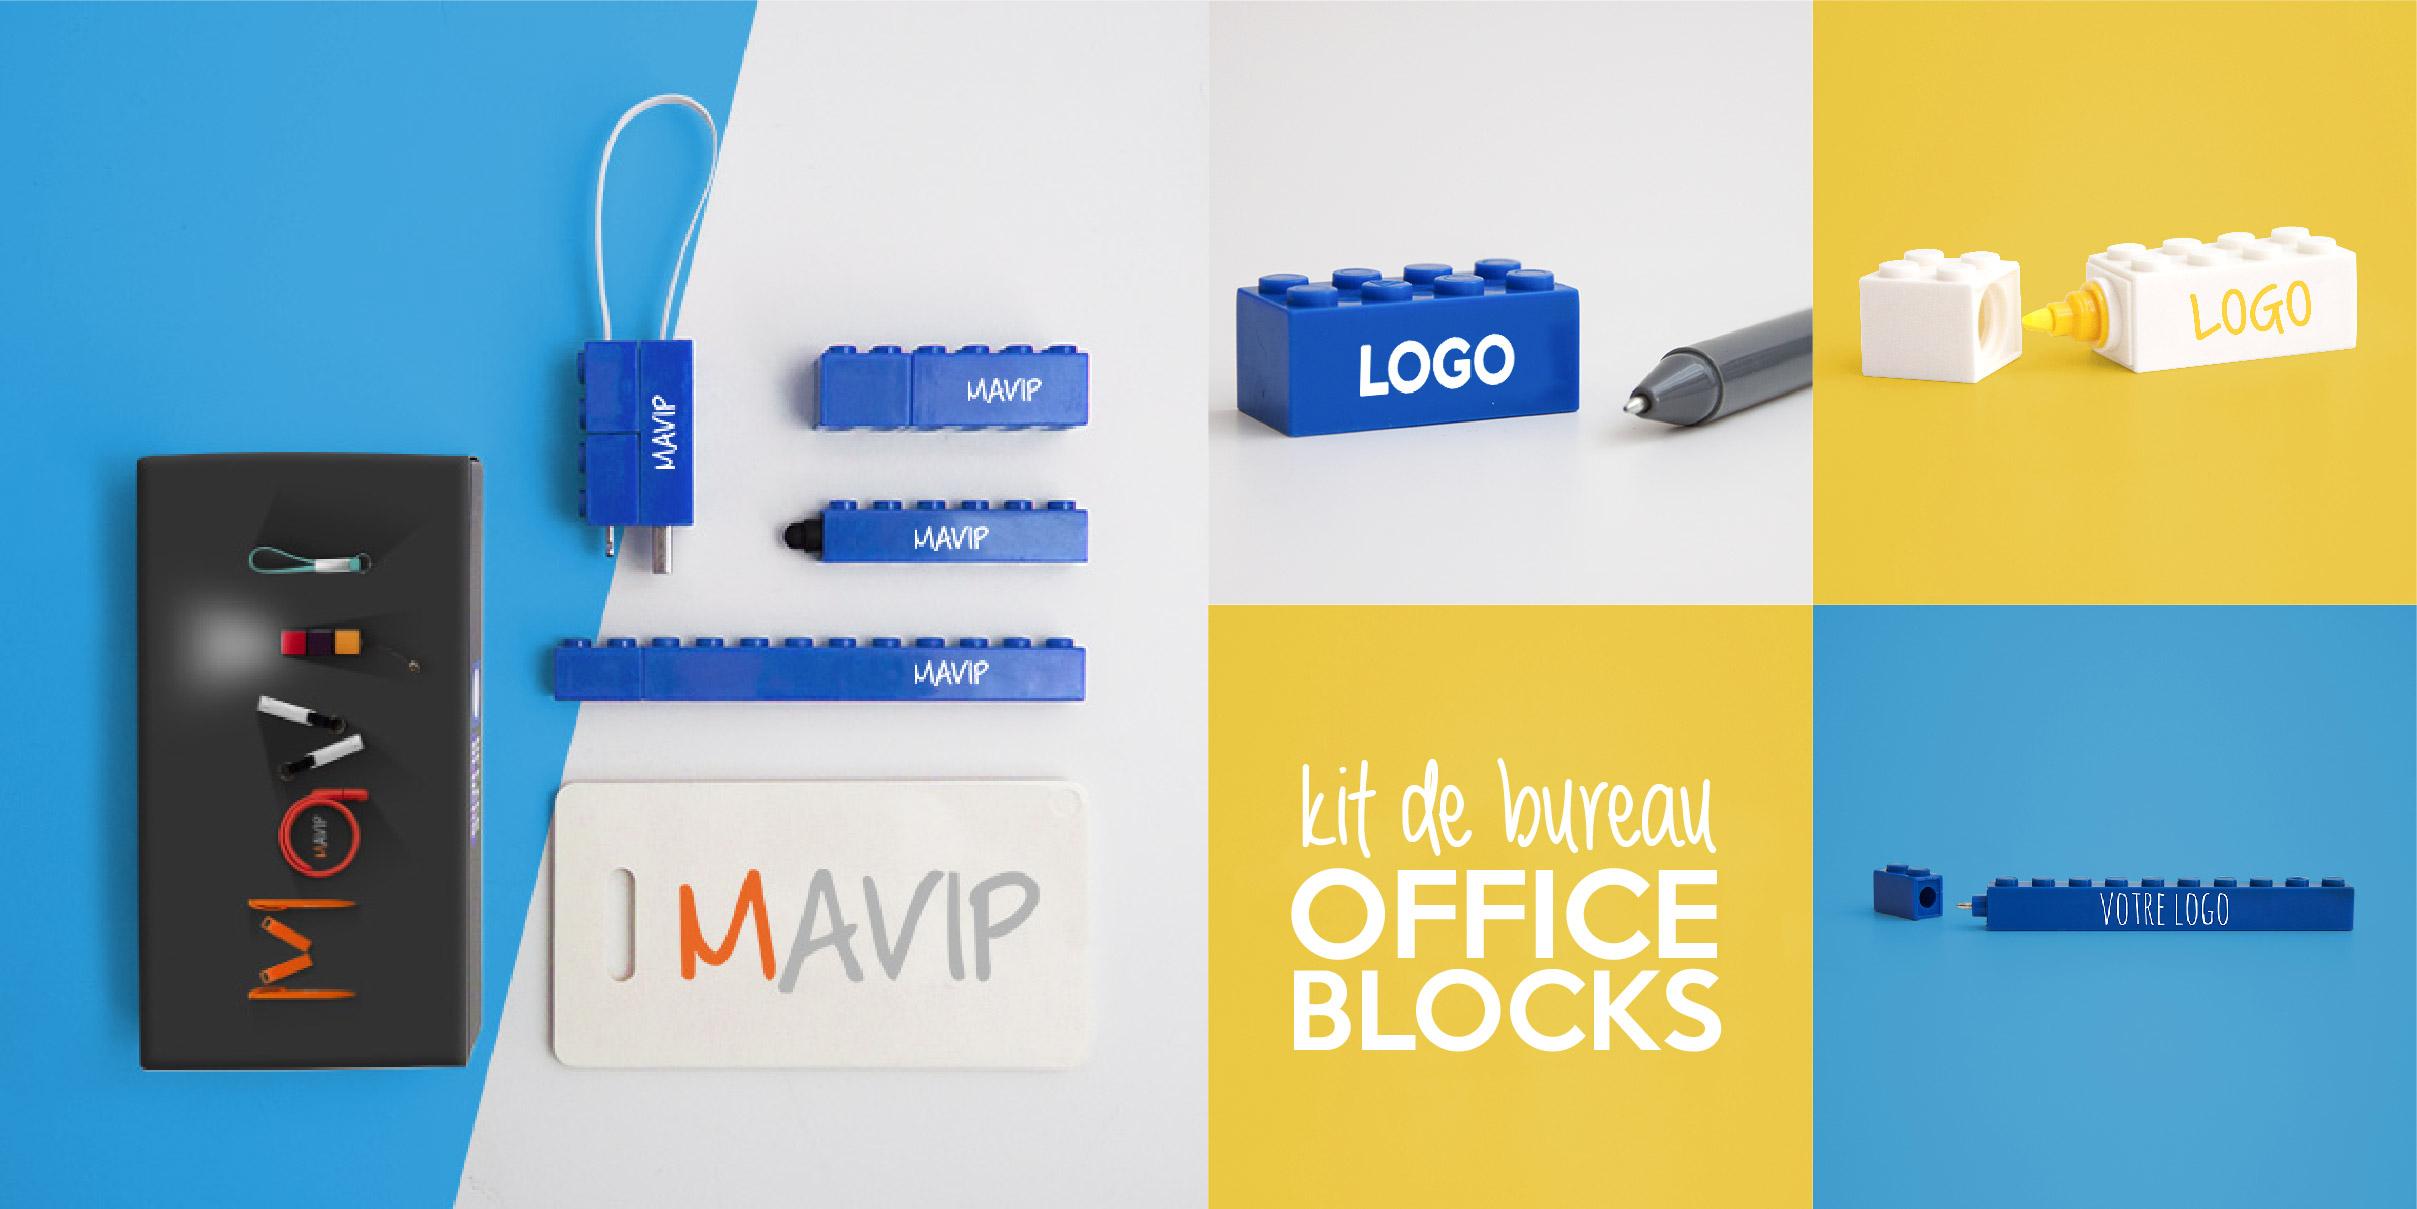 Kit de bureau office blocks avec éléments en forme de LEGO personnalisables avec votre logo